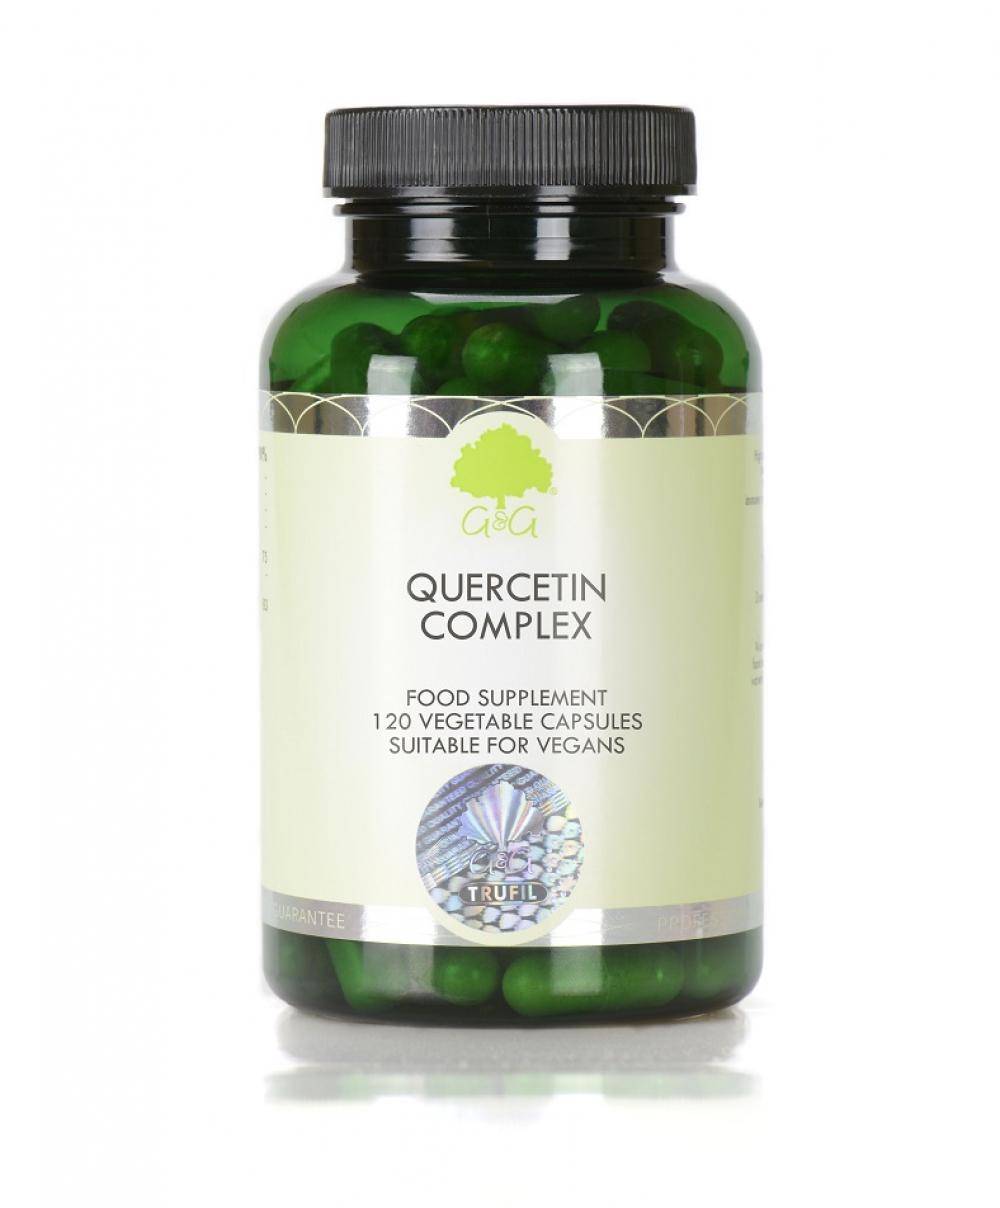 G&G Vitamins Quercetin Complex 120 veg. Kapseln (67,8g) (vegan)